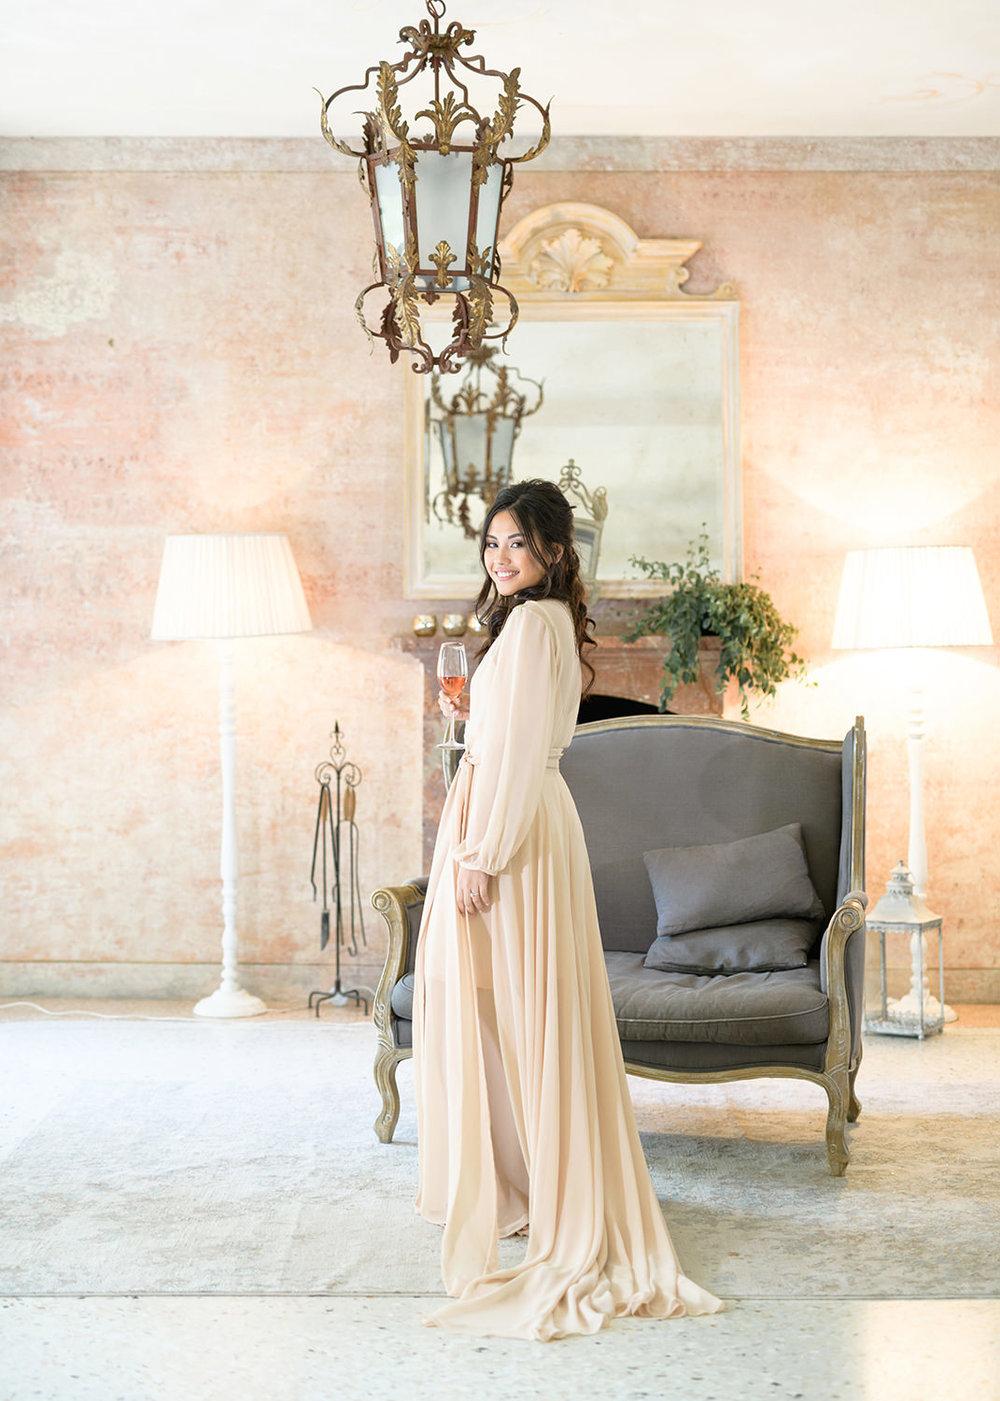 villa-regina-teodolinda-wedding-photographer-C&B-©bottega53-40.JPG